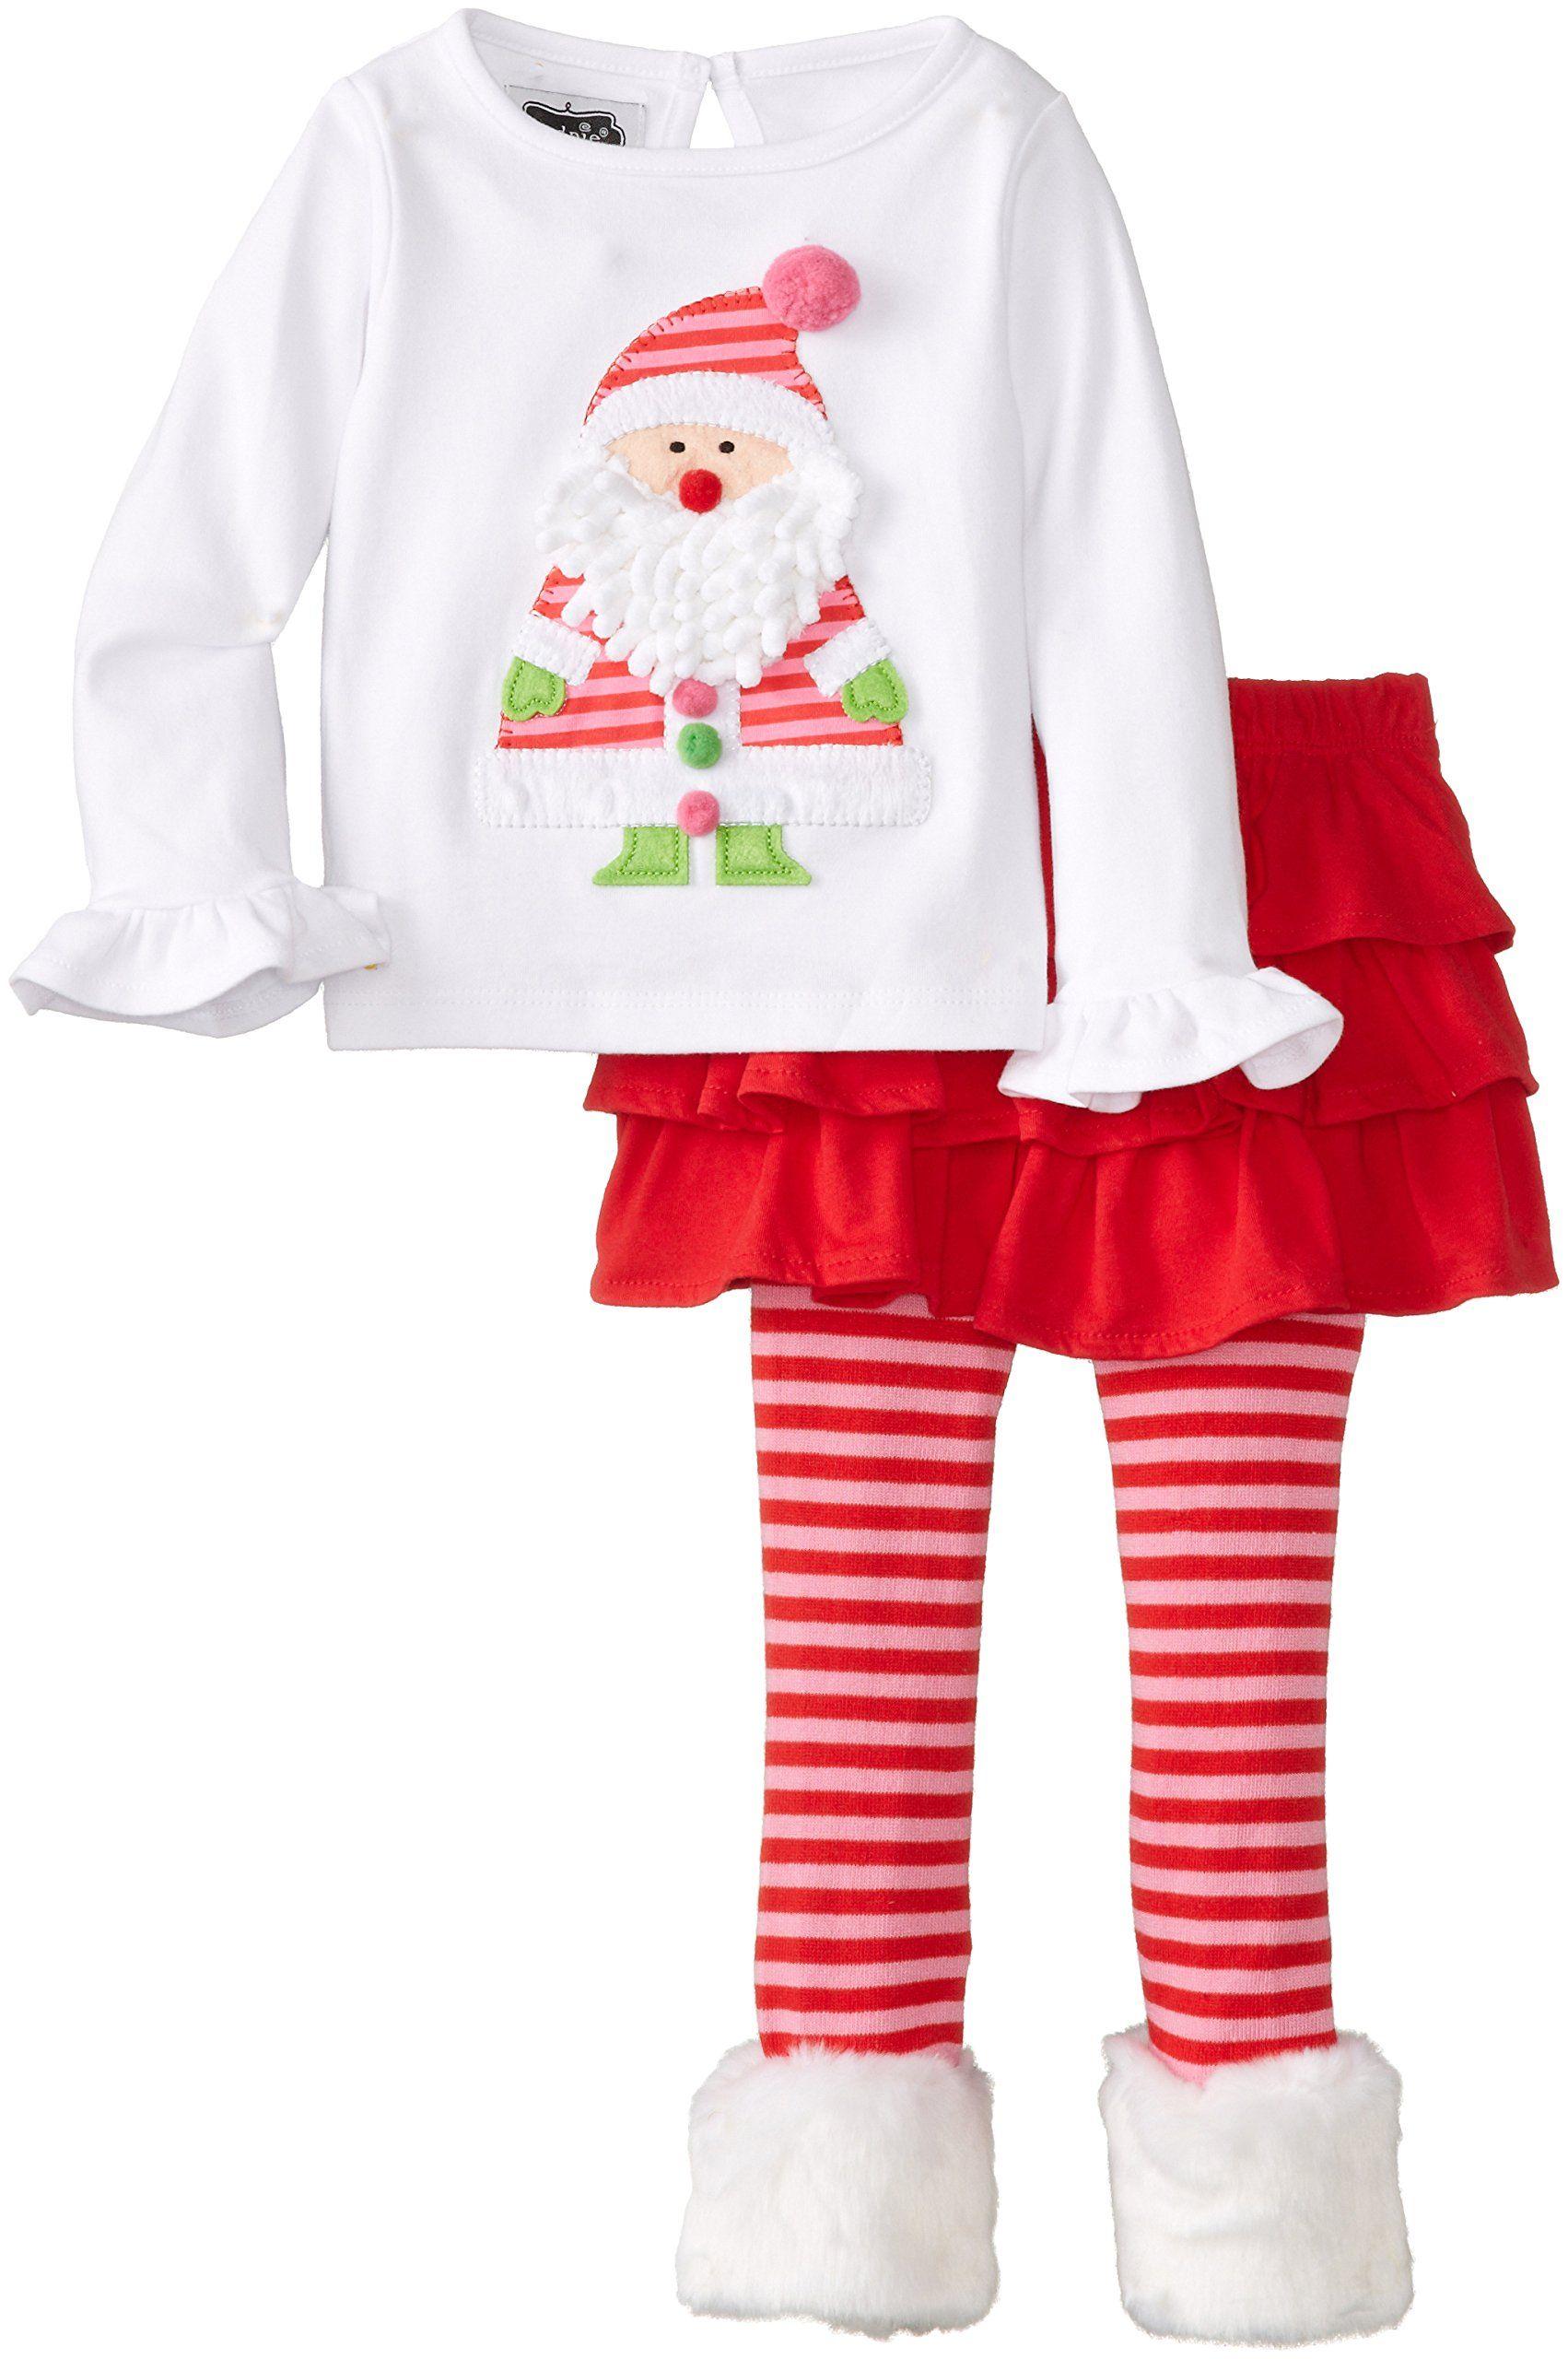 Mud Pie Little Girls\' Toddler Santa Baby Skirt Set, Pink, 4T. This ...